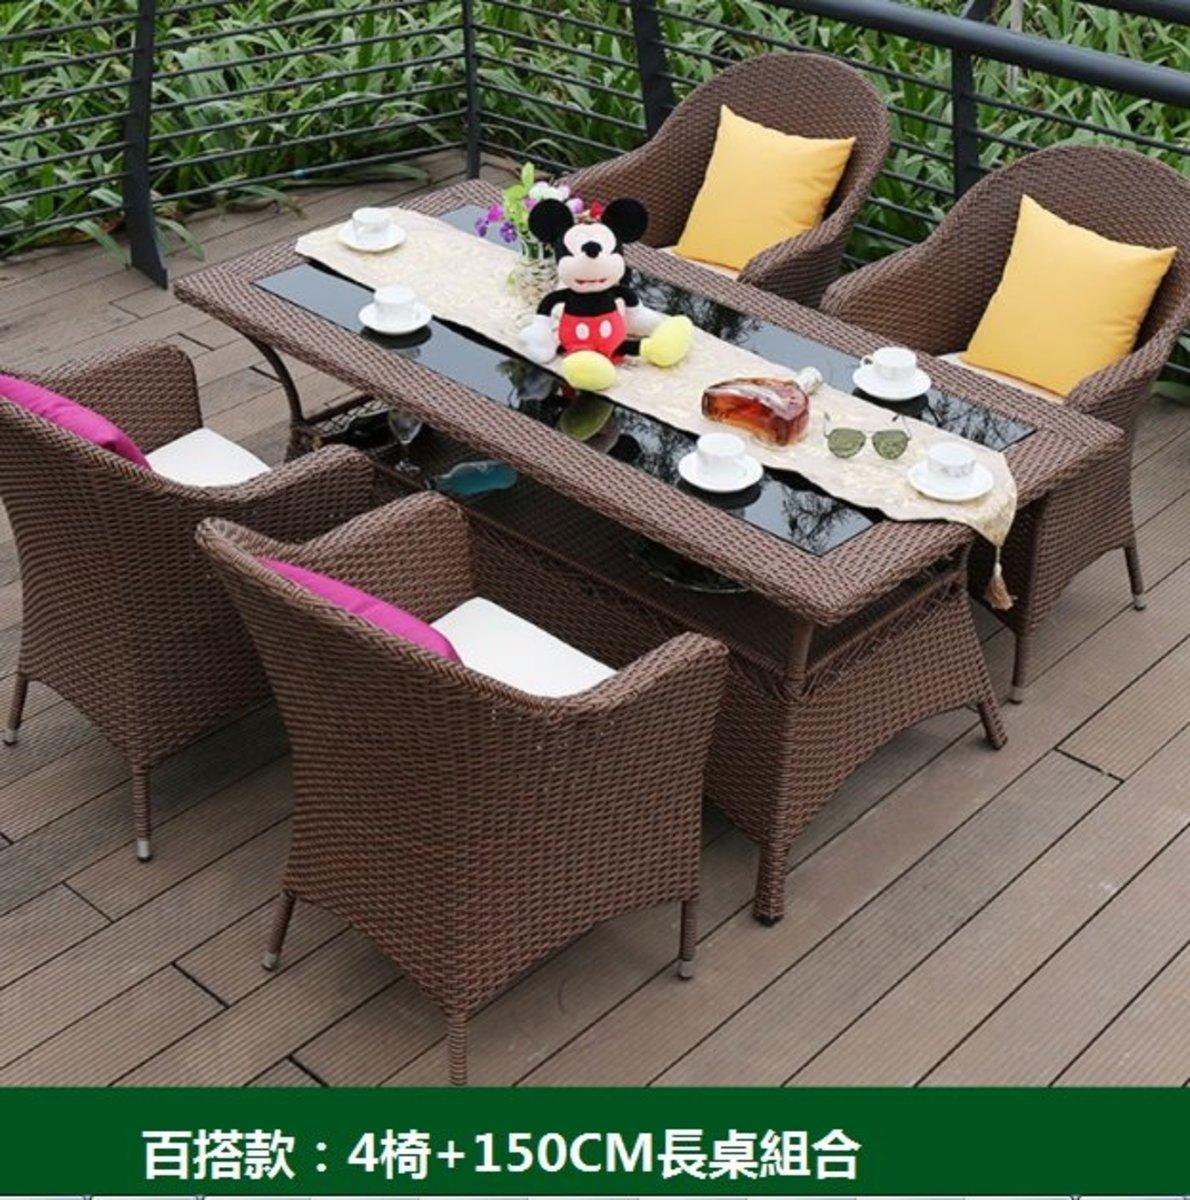 百搭休閒籐編桌椅(百搭款:4椅+150CM長桌組合)